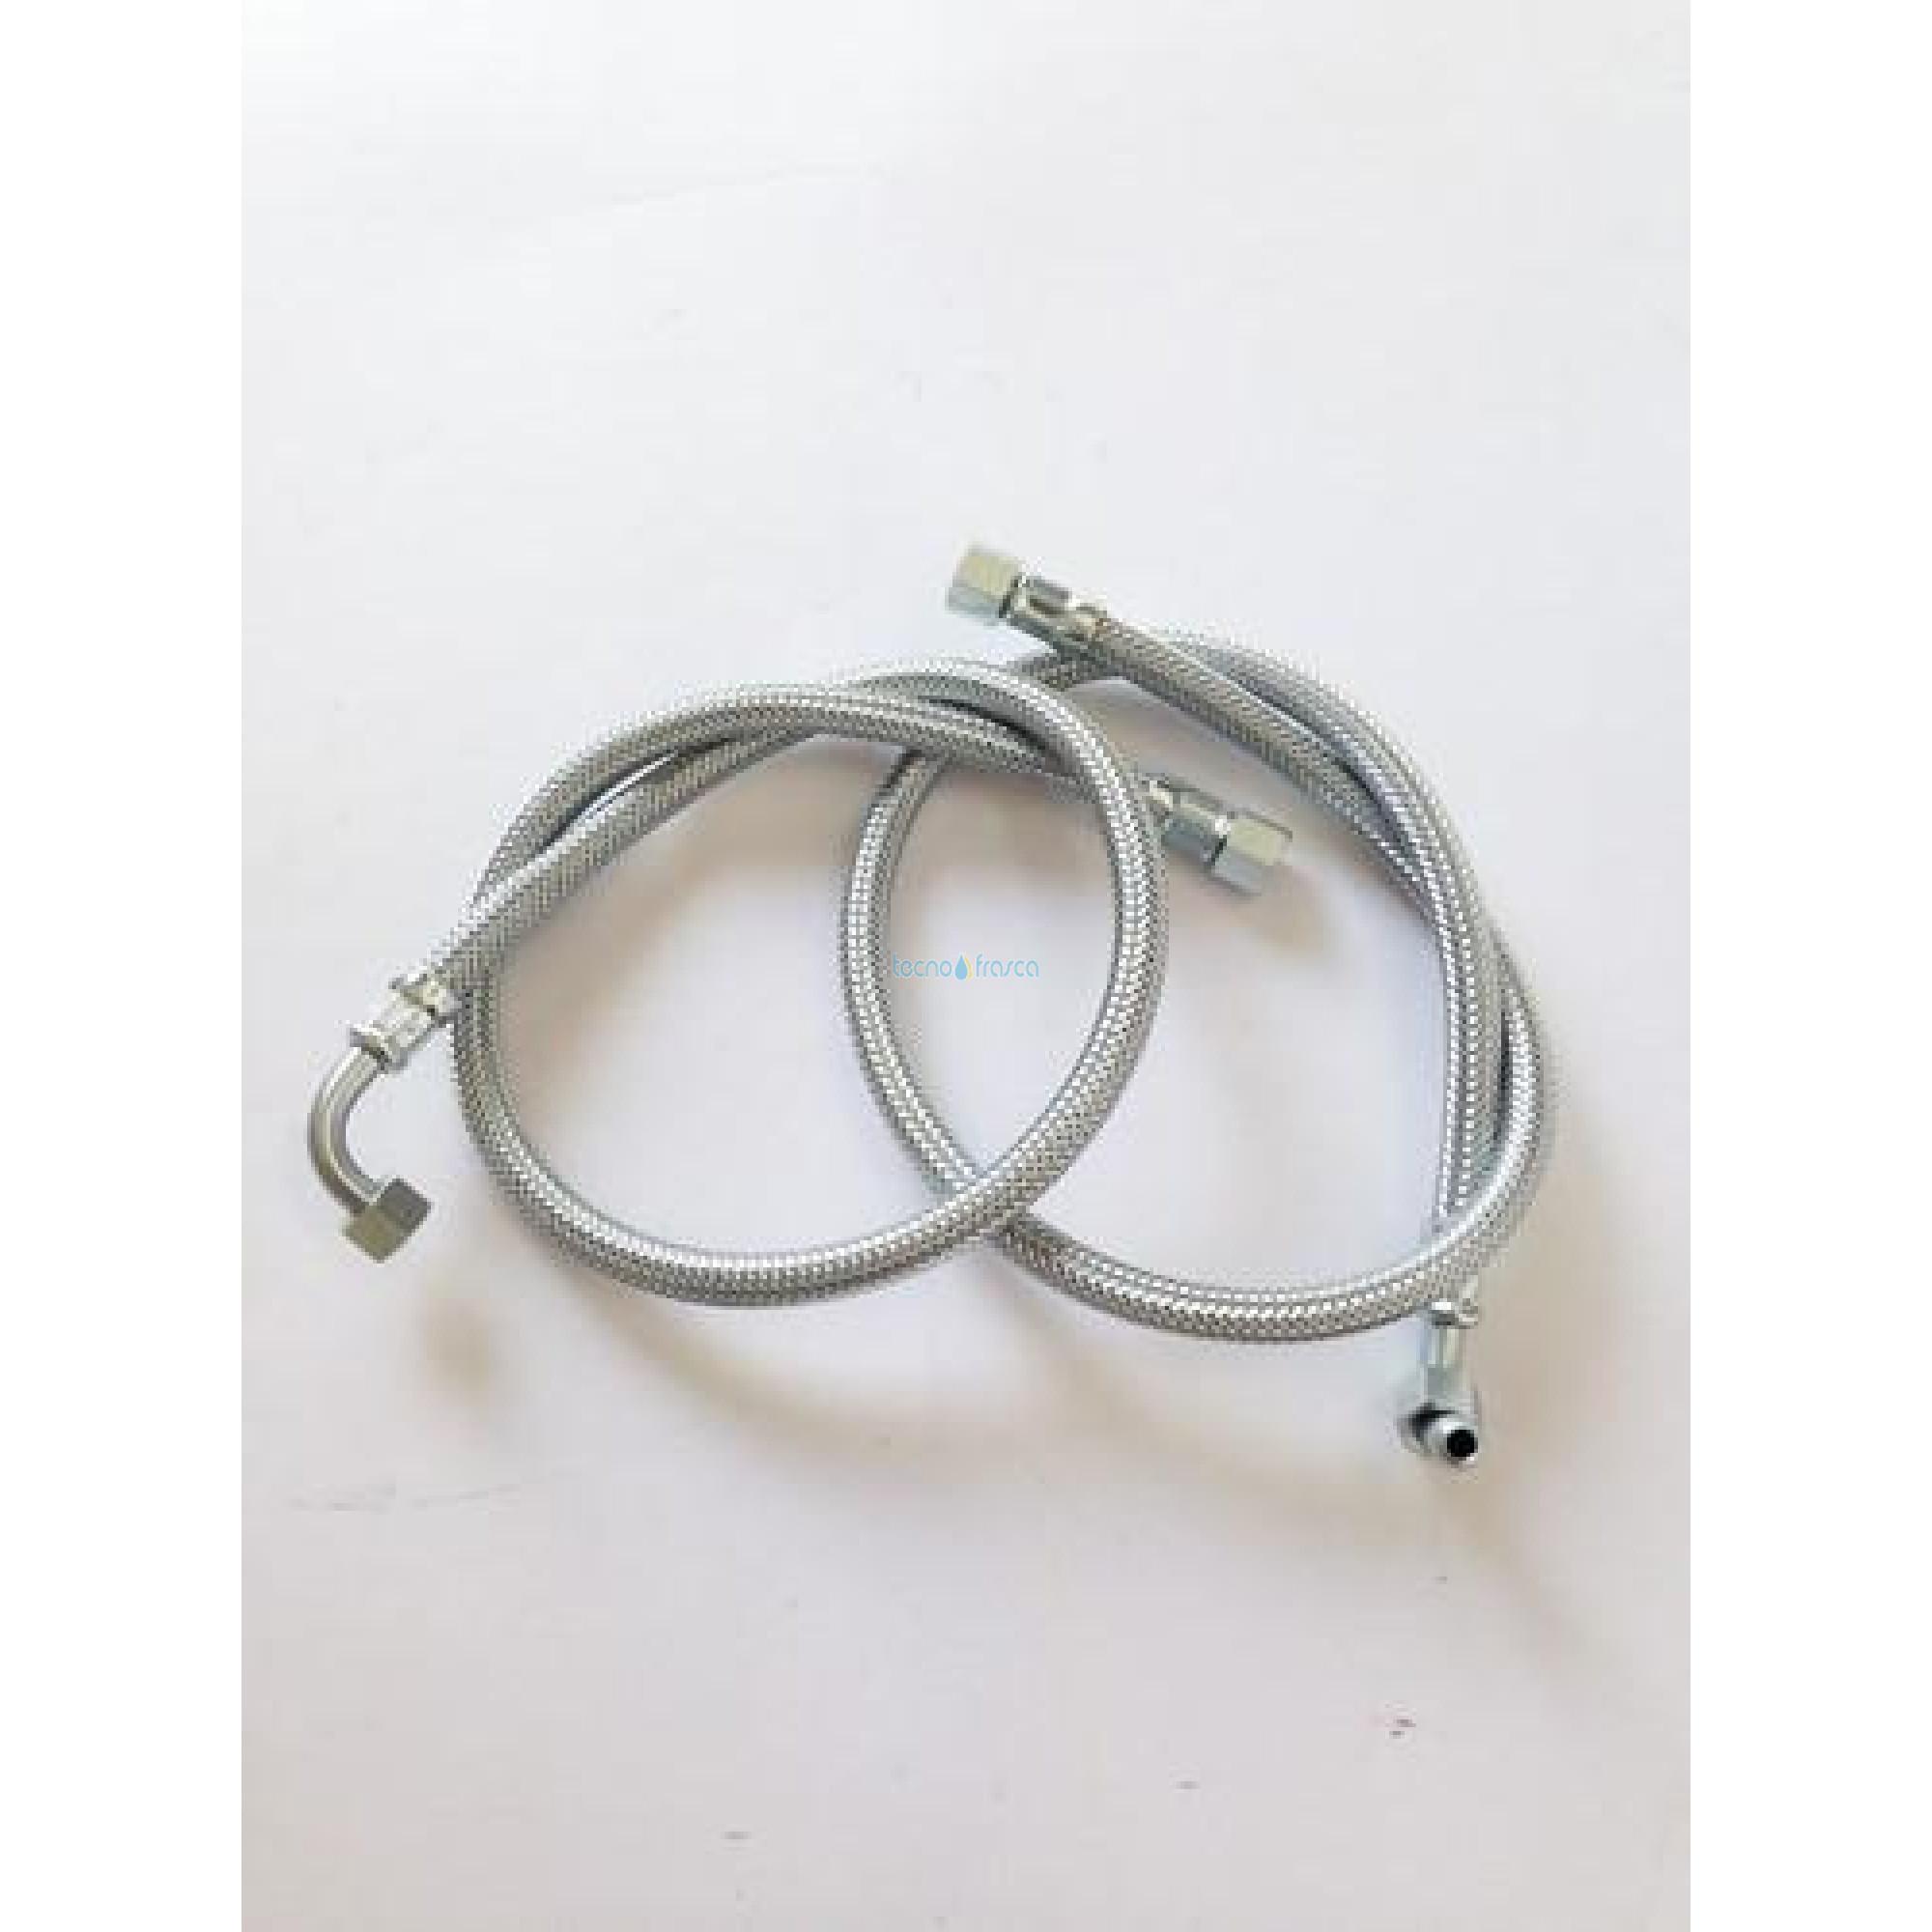 Flessibile gasolio f1/4xf1/4 gomito 90 l750 2pz 602002